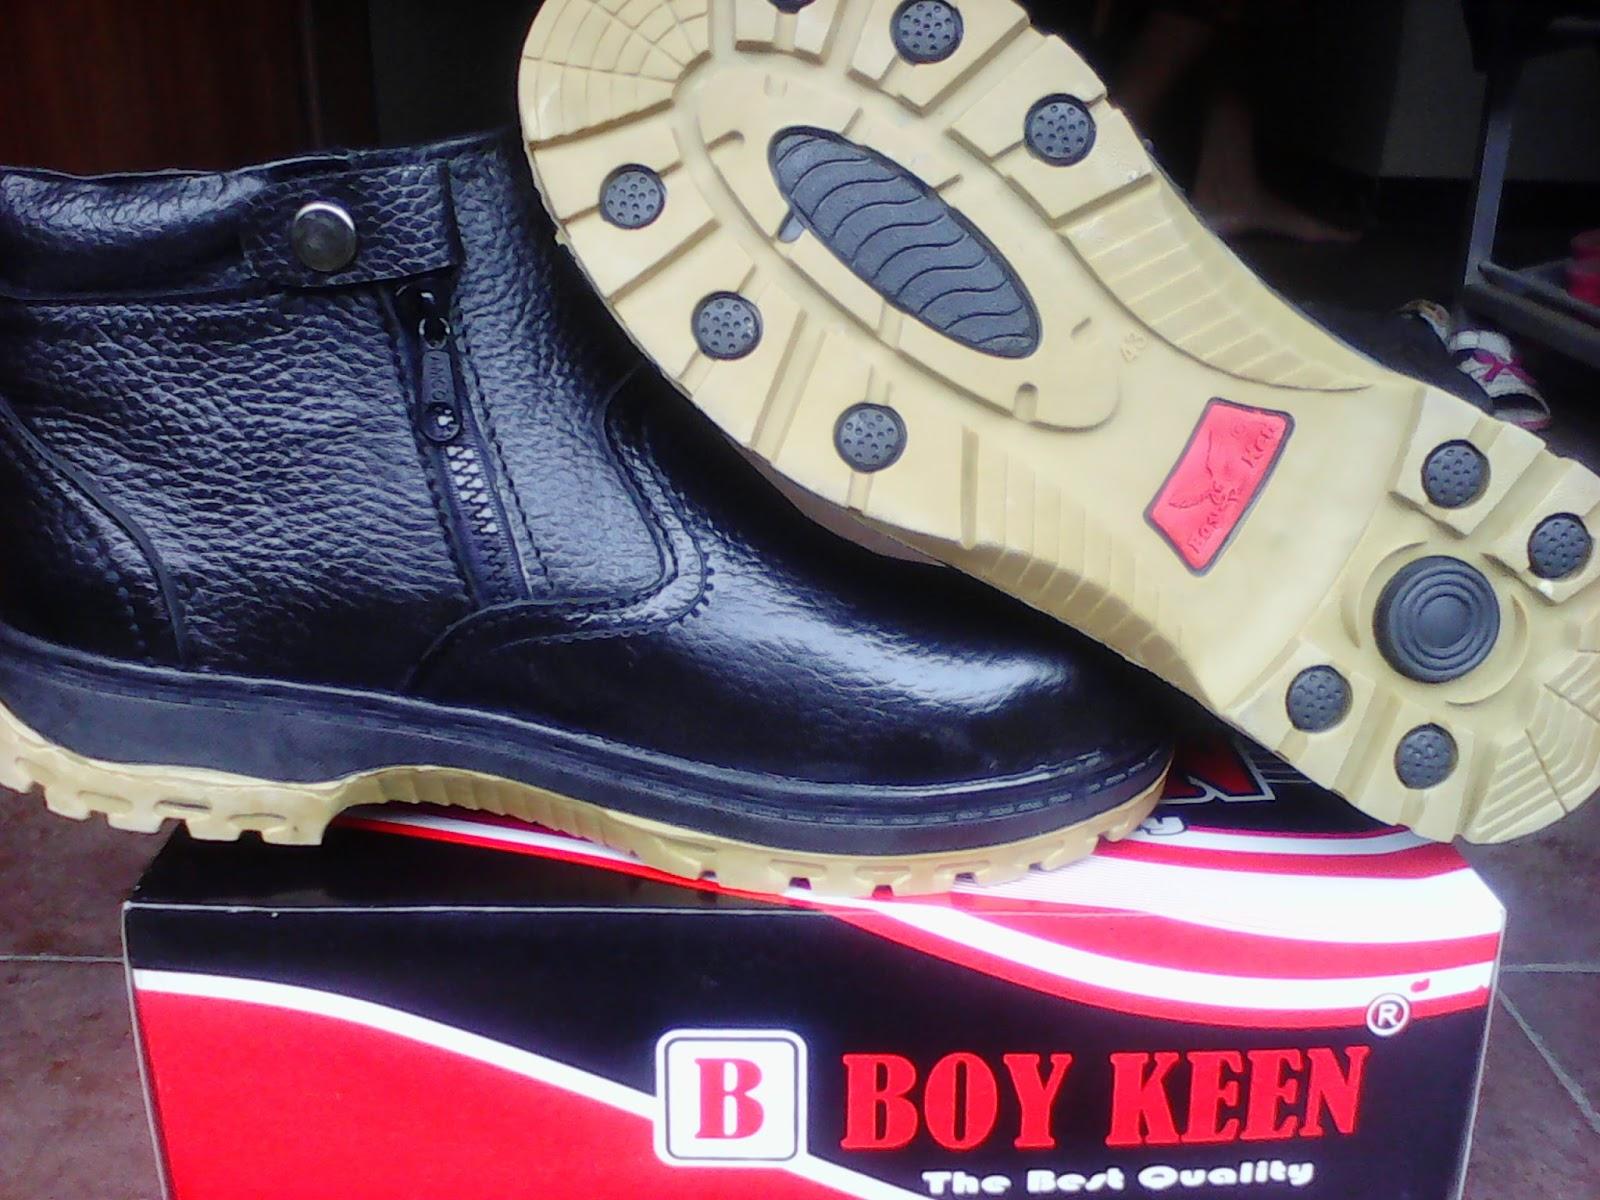 Harga Sepatu Ruger, Boy Ken Dan Mr Xxx  Zona Sepatu Murah-6932